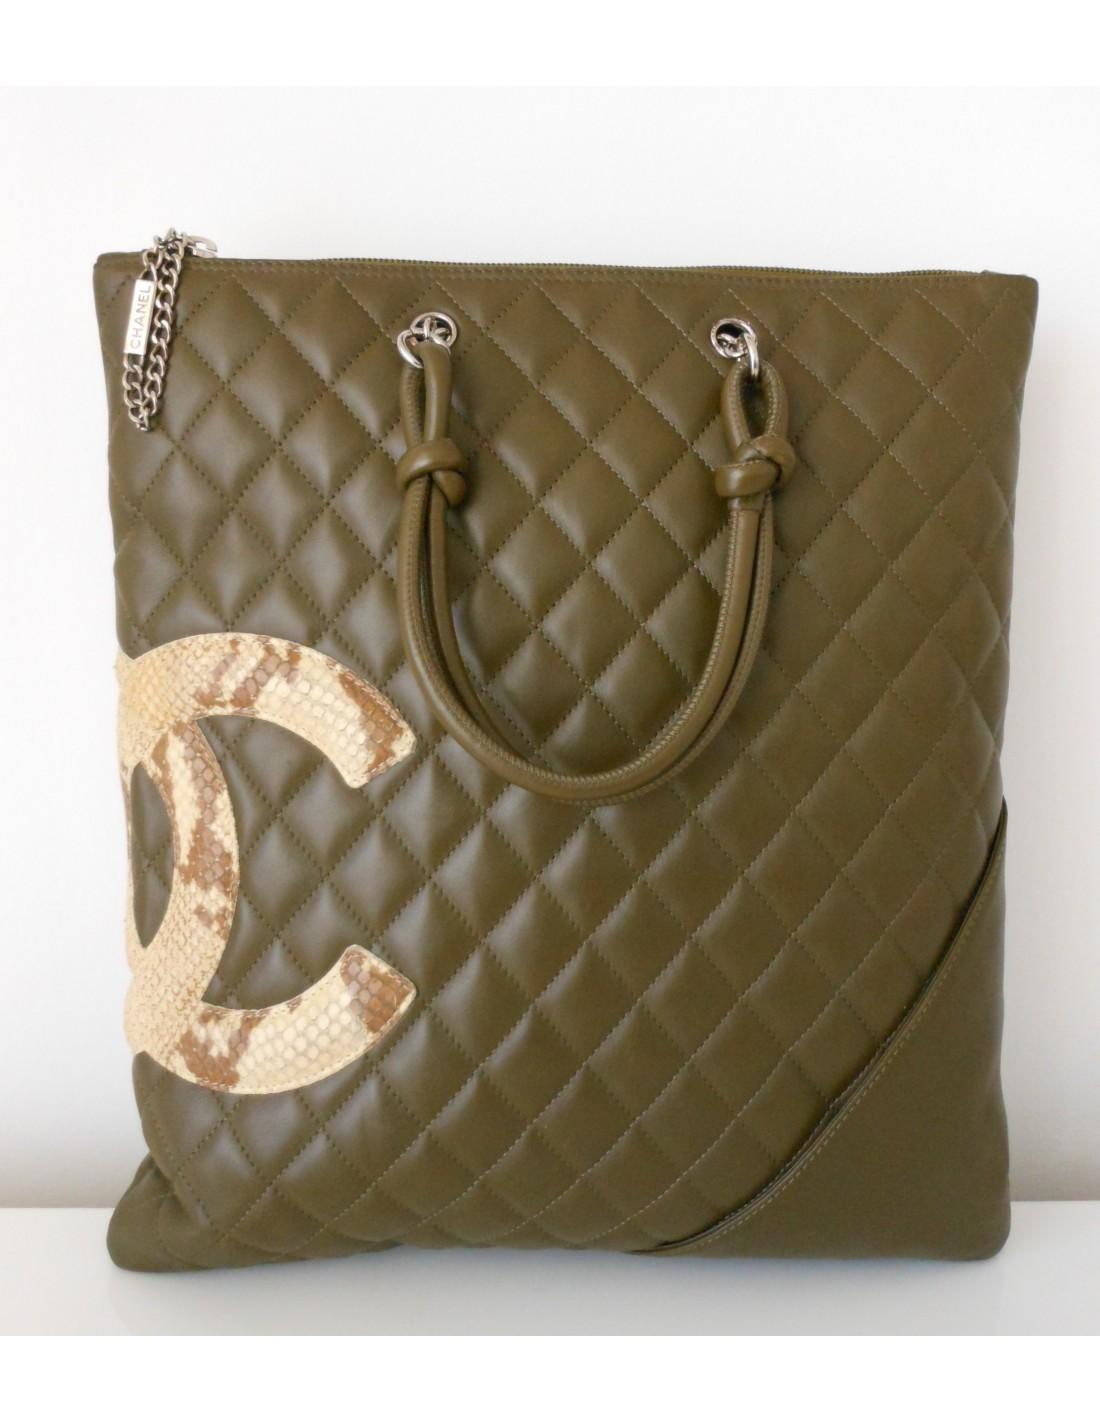 SAC CHANEL CAMBON GRAND MODELE - Atoutluxe Boutique 04d188c8be0